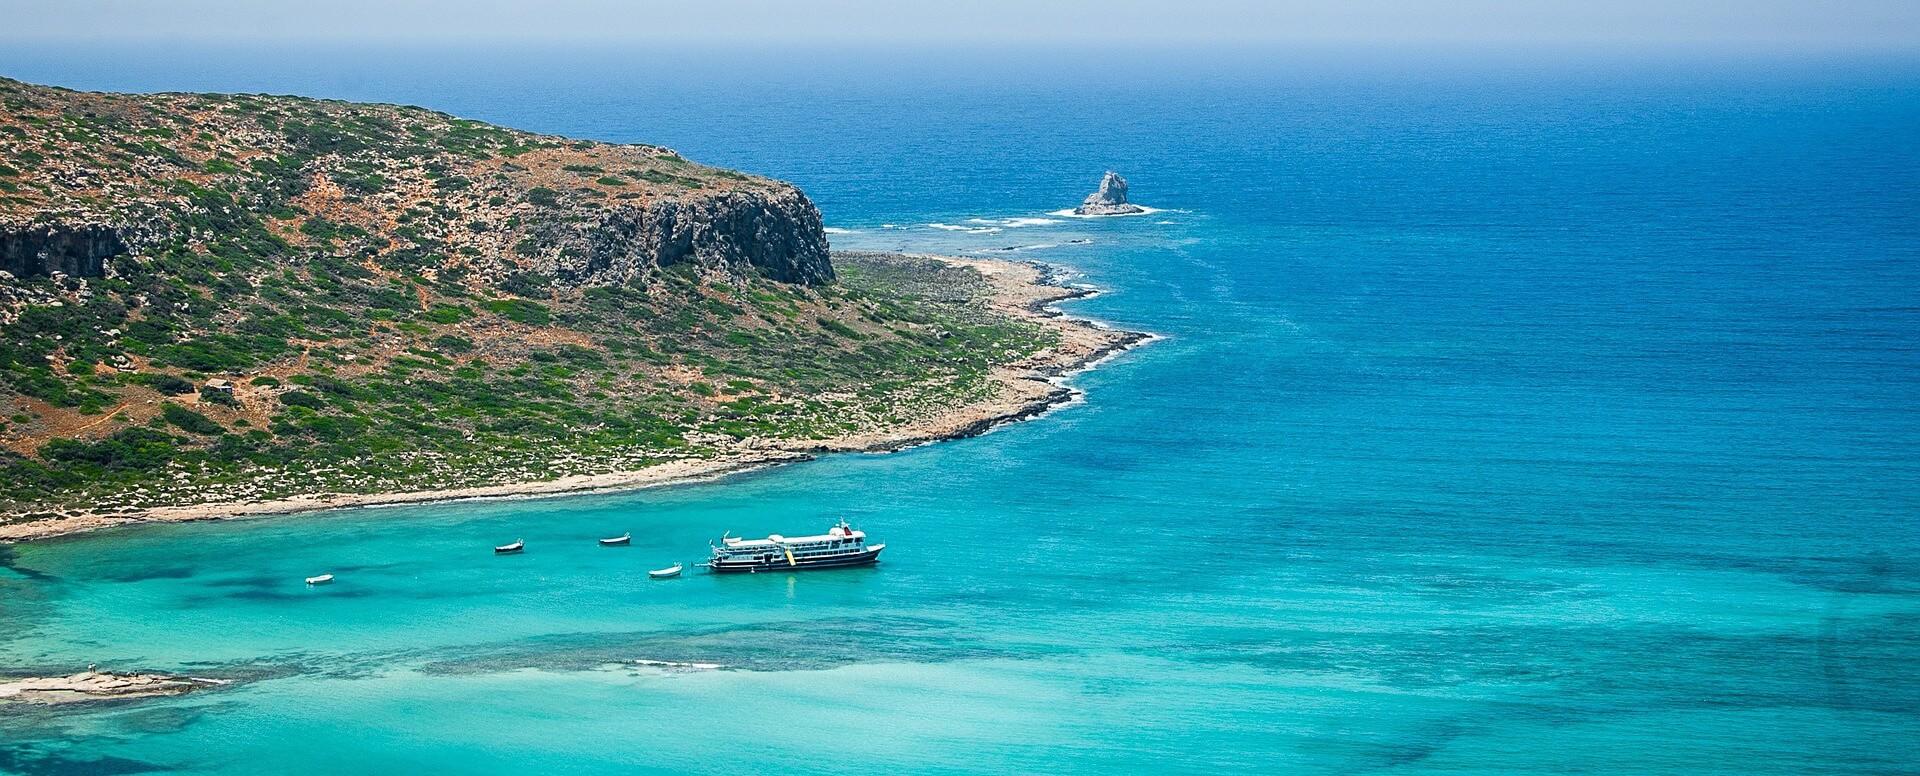 Temps et climat en Crète - Crete